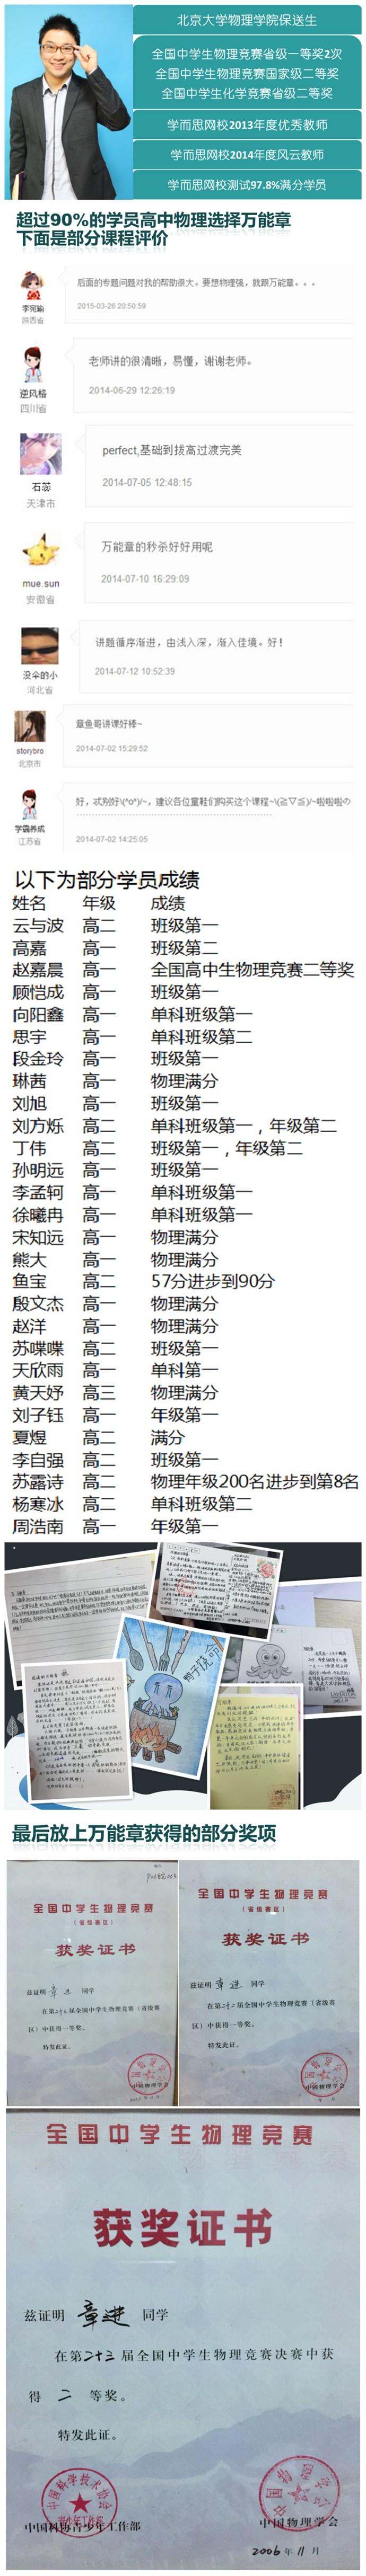 学而思网校-高中物理-清北名师-章进(万能章)老师简介